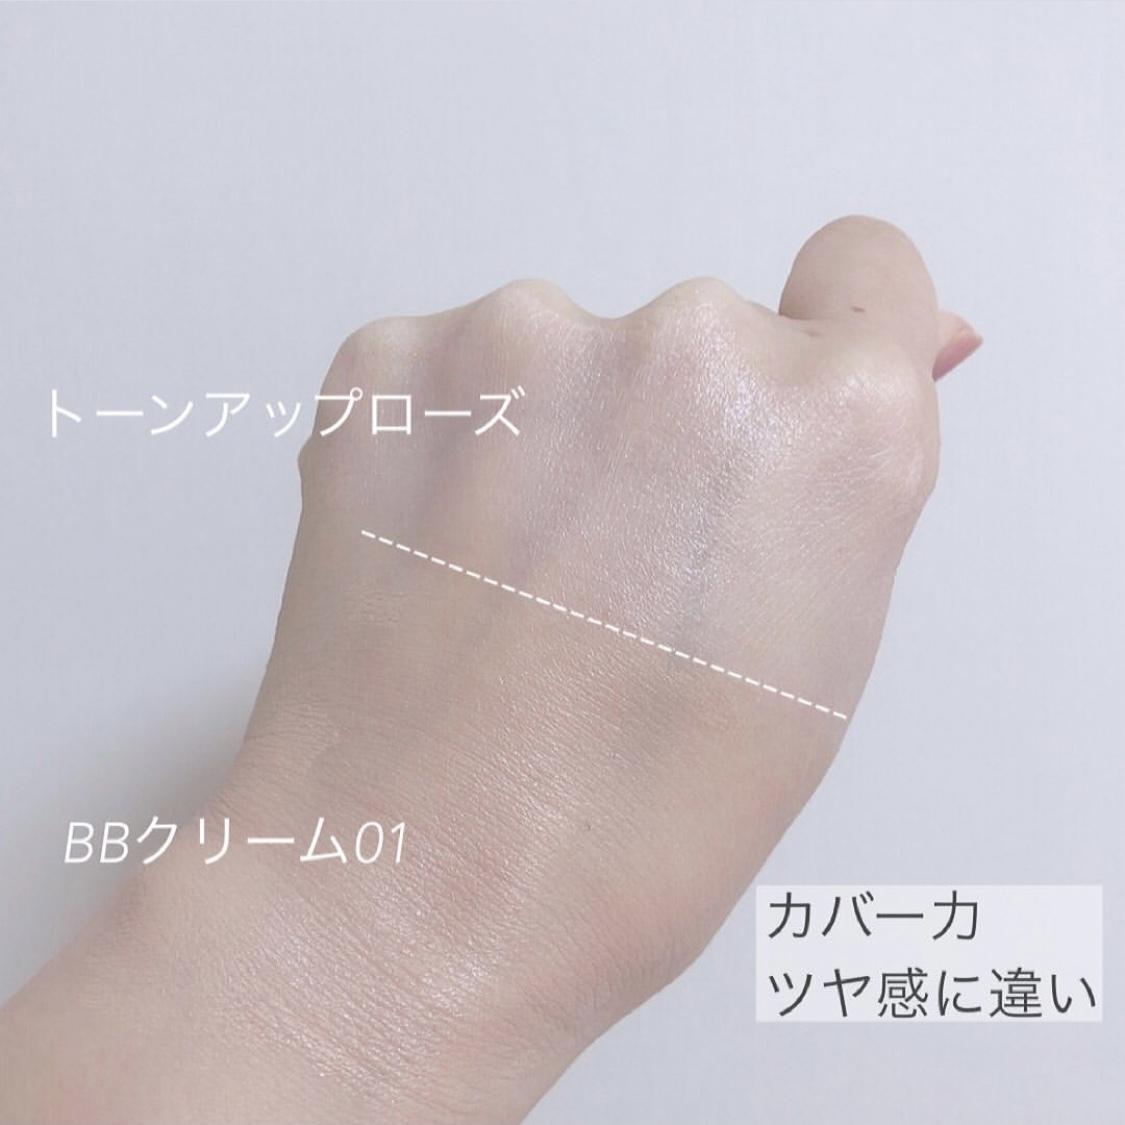 LAROCHE-POSAY(ラ ロッシュ ポゼ) UVイデア XL プロテクションBBを使ったmihokoさんのクチコミ画像3